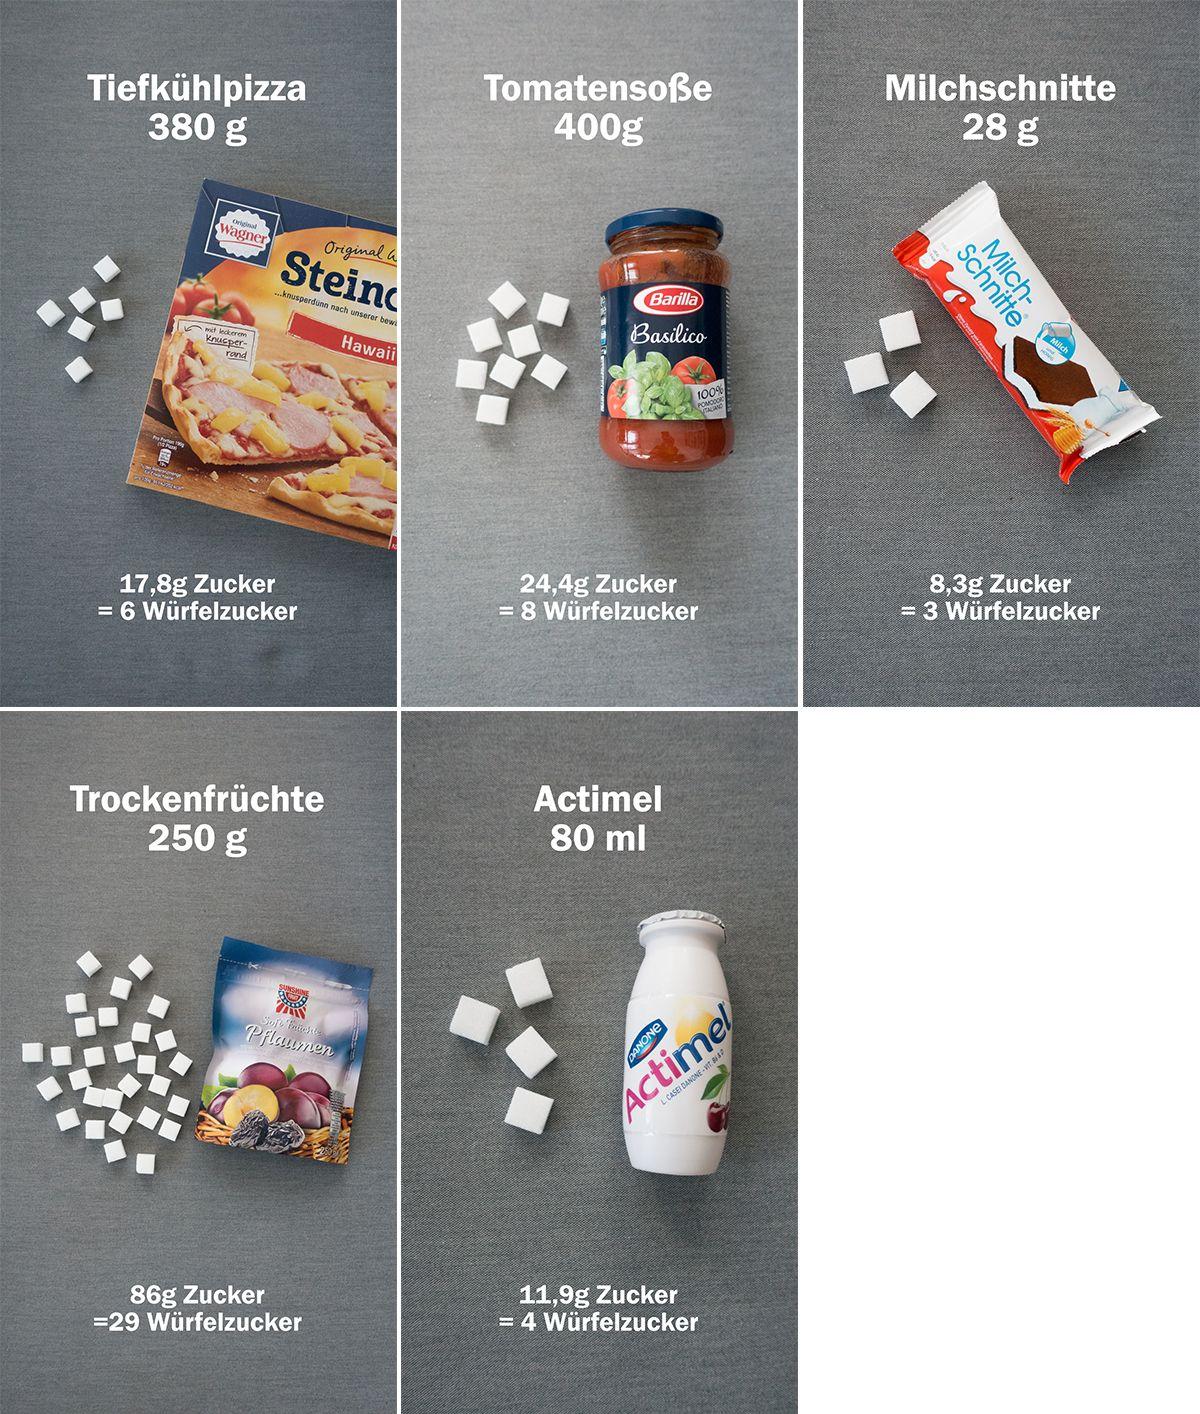 Wie Viel Zucker Steckt Drin   Lebensmittel Ohne Zucker mit Würfelzucker In Lebensmitteln Grundschule